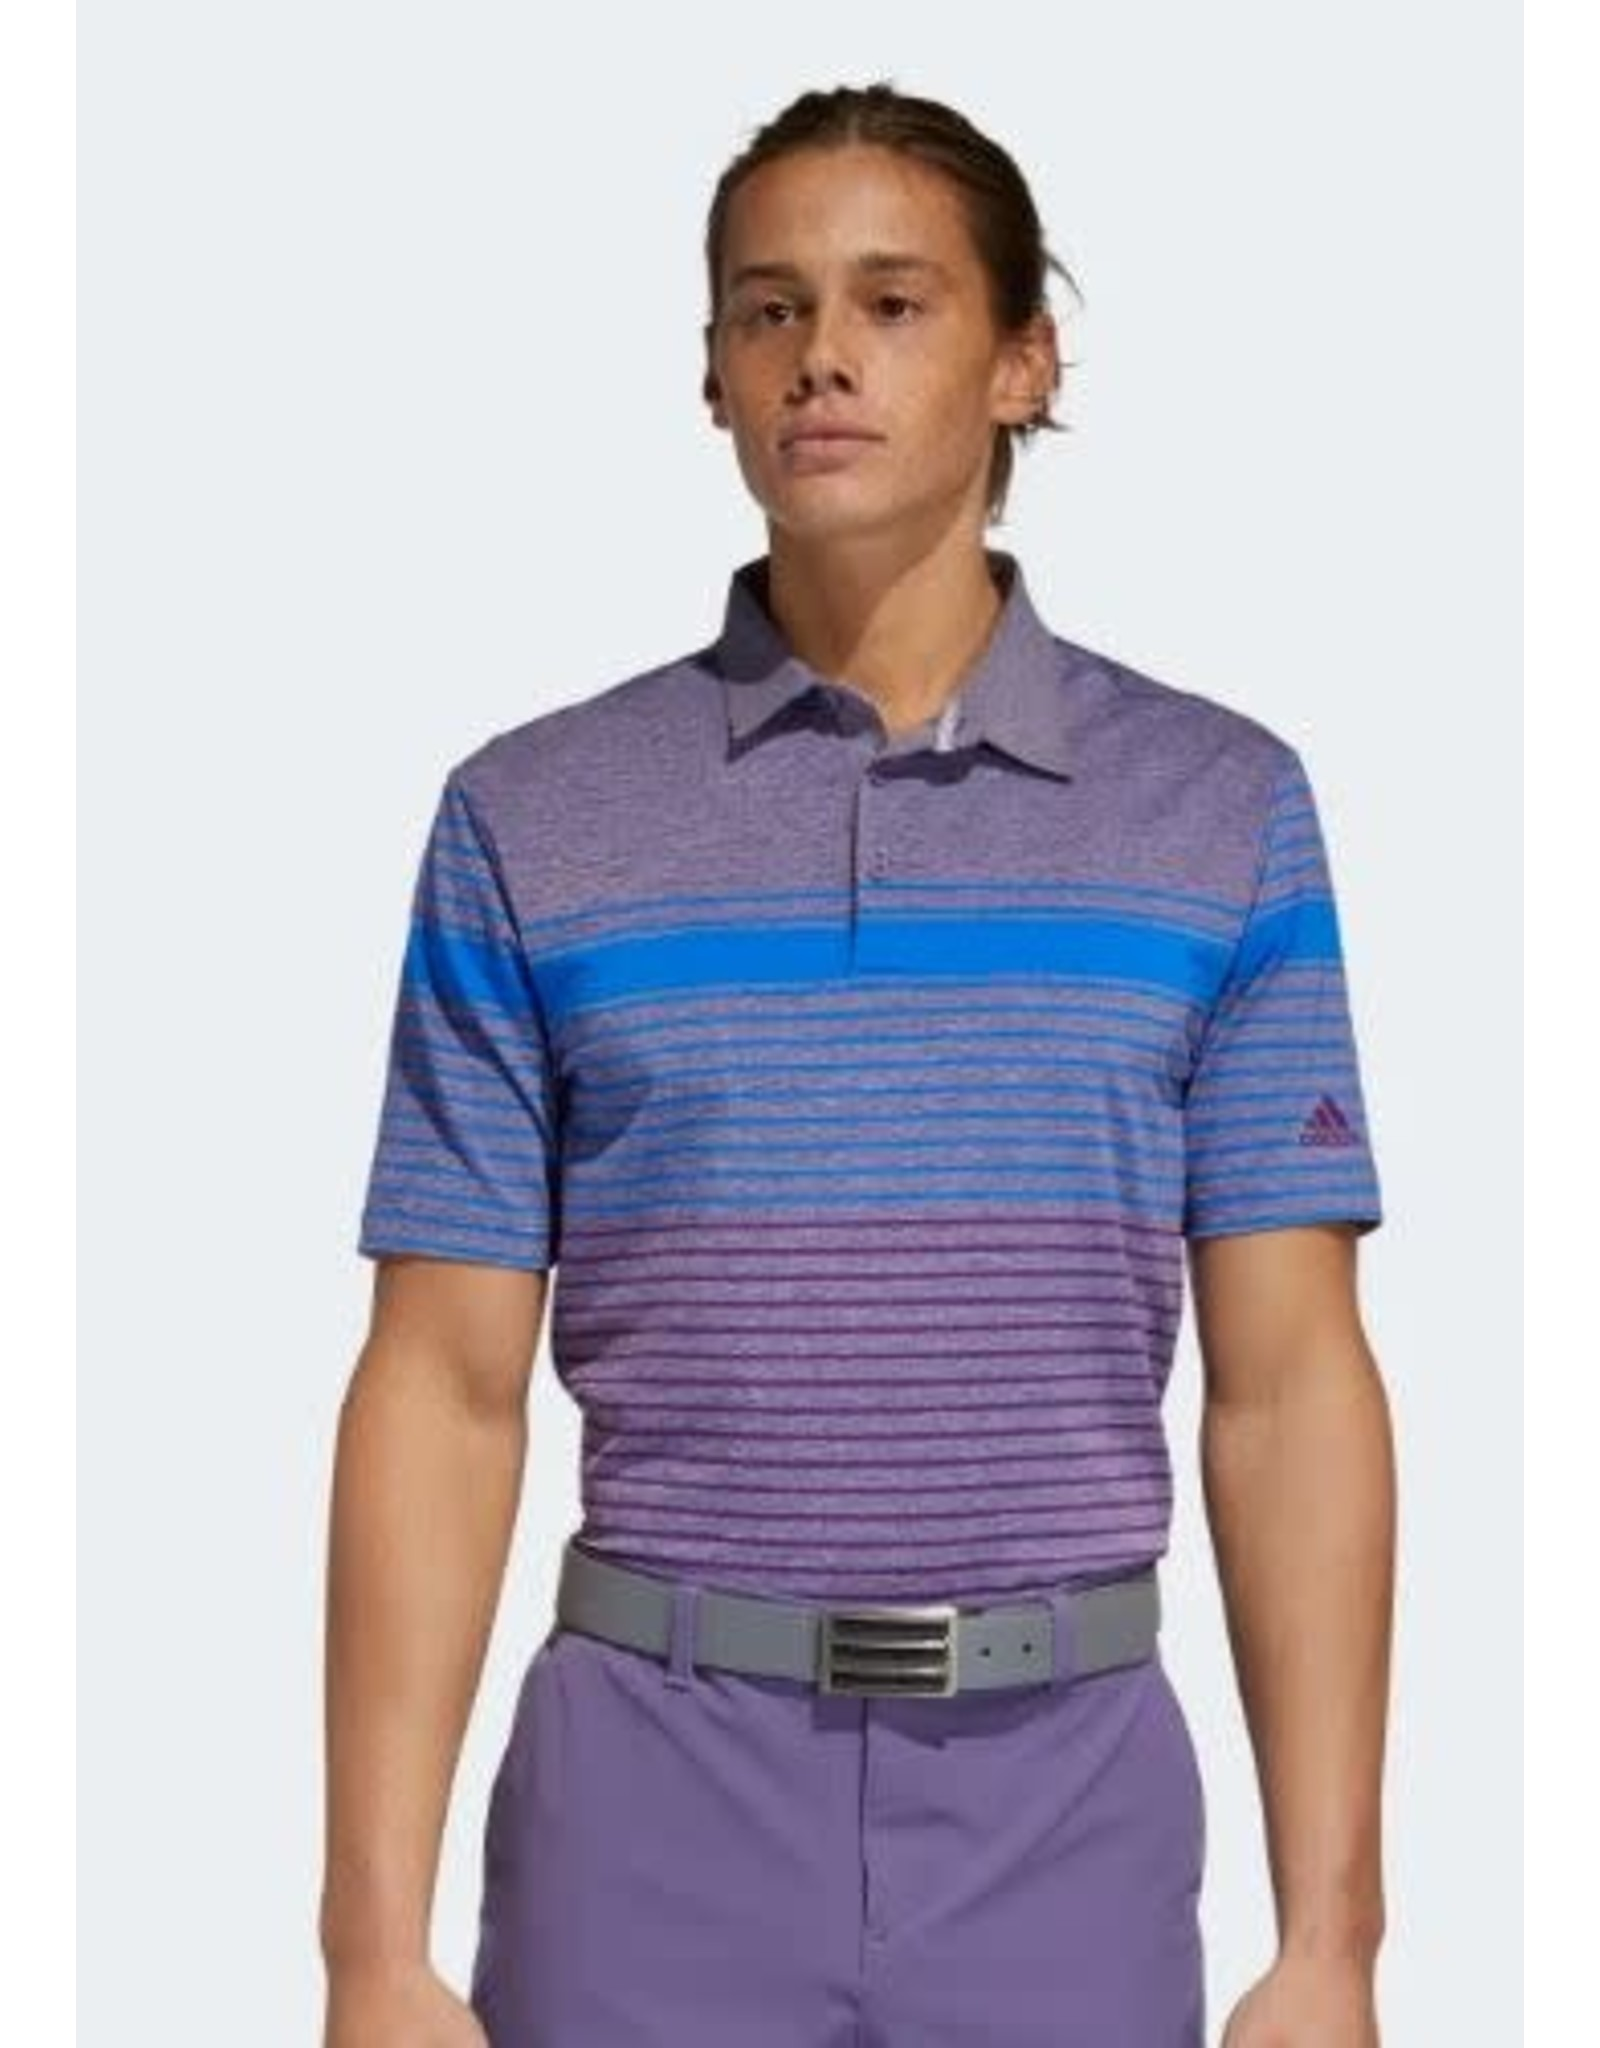 Adidas Shirt Adi 365 enghthr